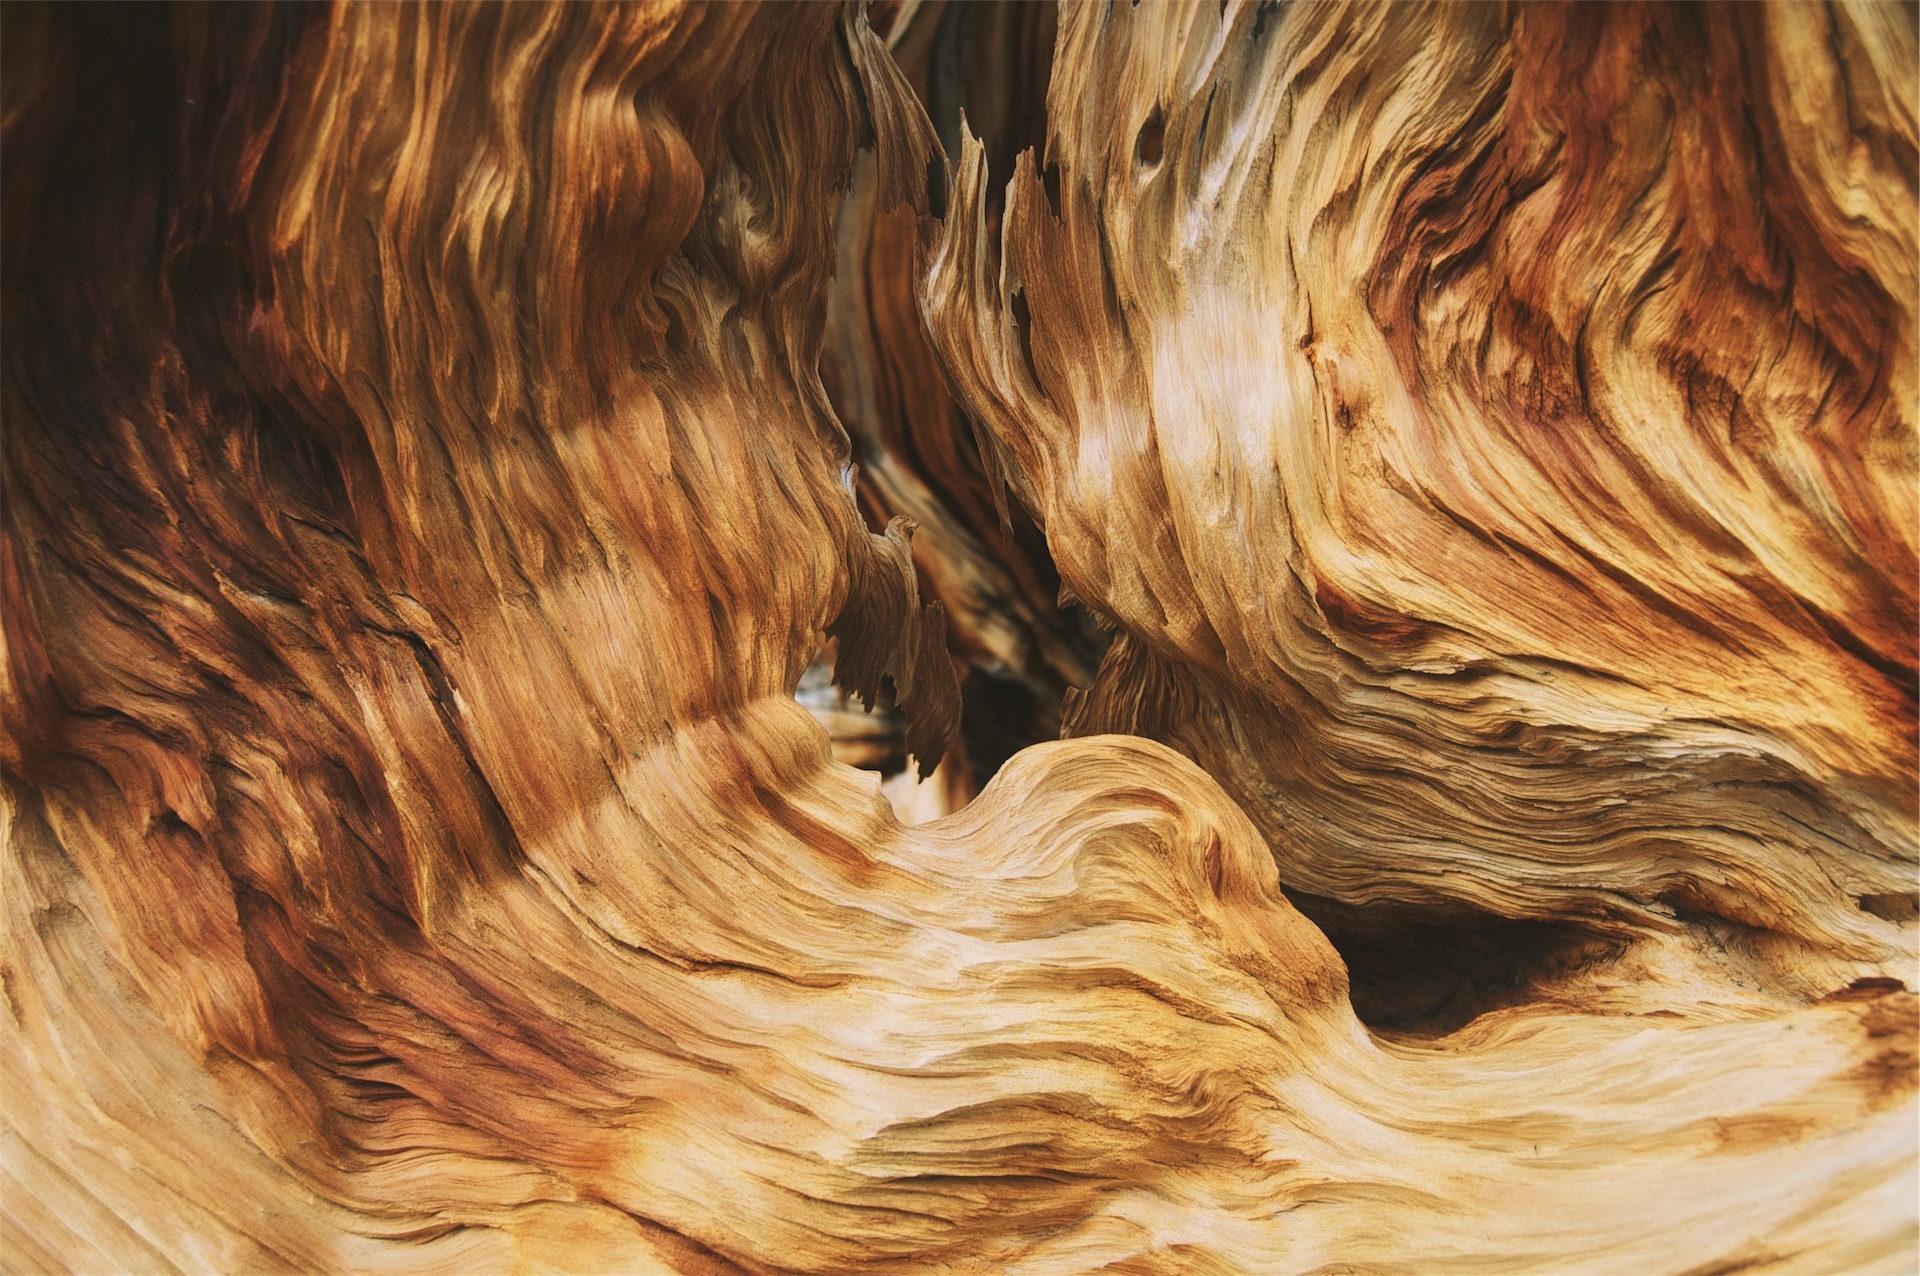 veias, madeira, ondas, colorido, gradiente - Papéis de parede HD - Professor-falken.com